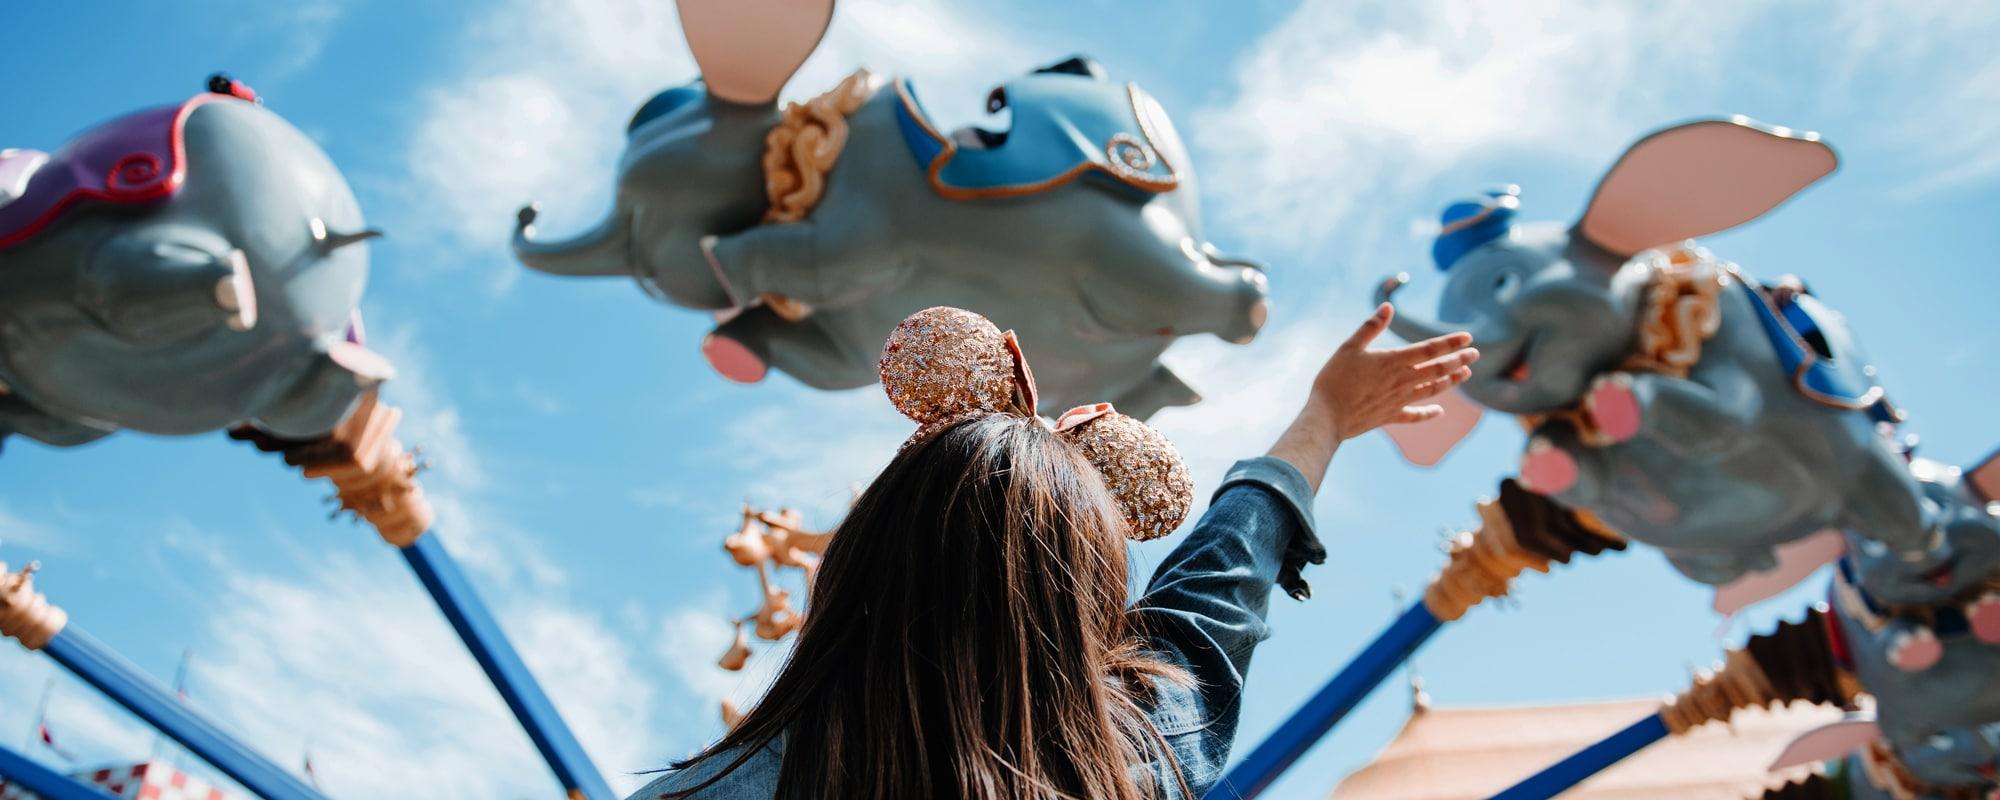 Une mère et sa fille partagent une accolade chaleureuse devant le CinderellaCastle au parc MagicKingdom